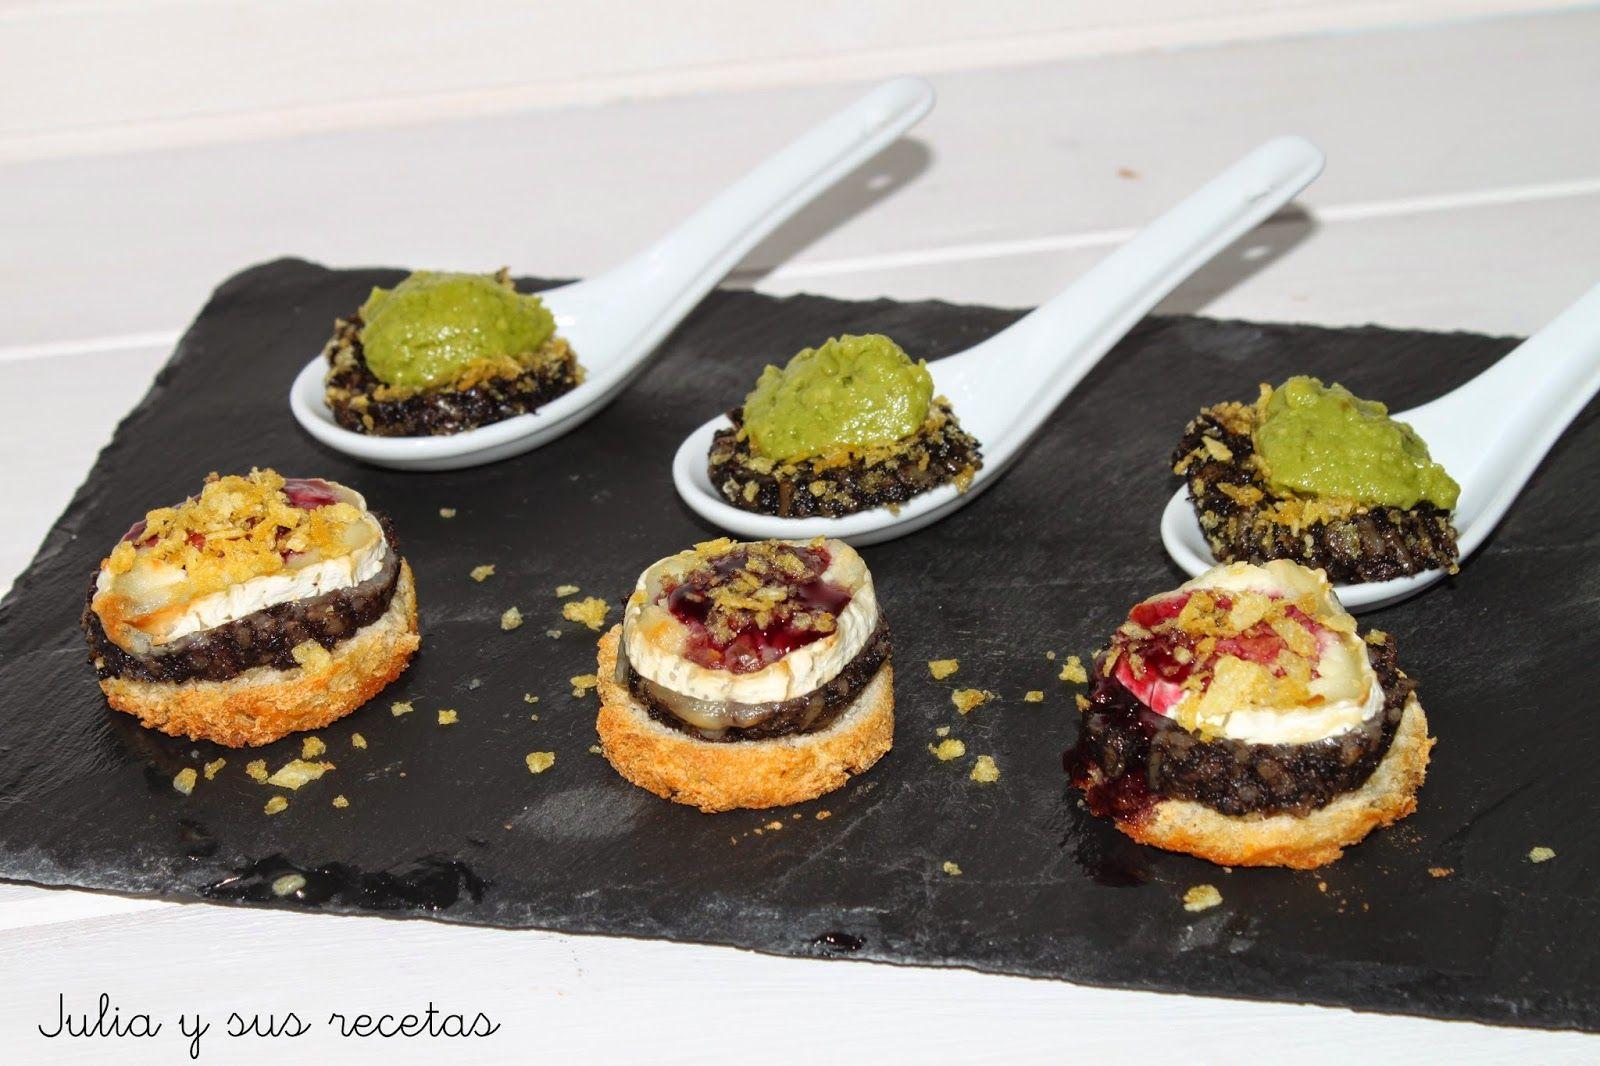 Julia y sus recetas cucharillas y montaditos de morcilla - Cenas sin cocinar ...